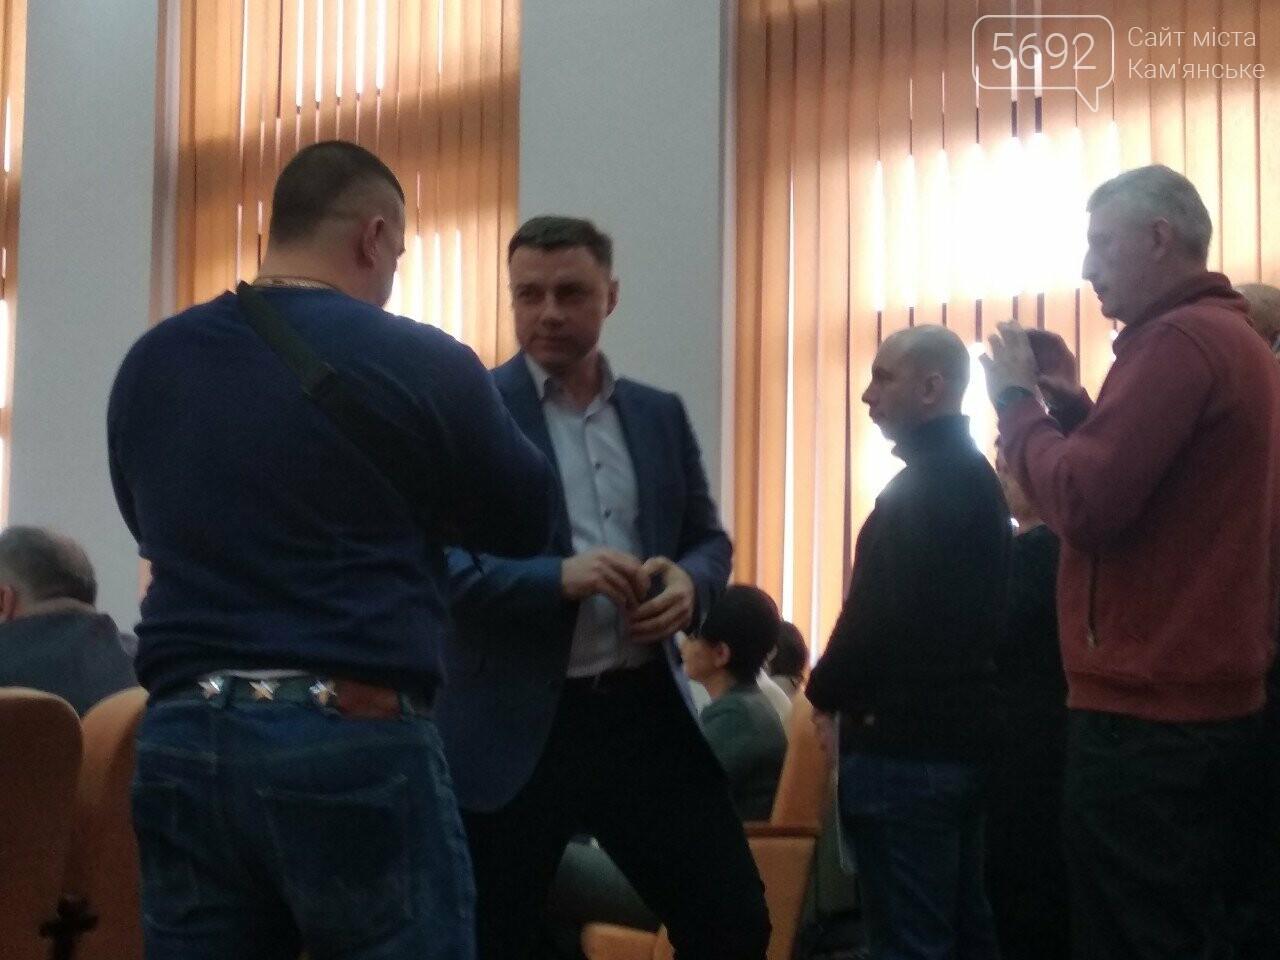 Кандидат в президенты назвал каменского депутата Лесничего сепаратистом, фото-2